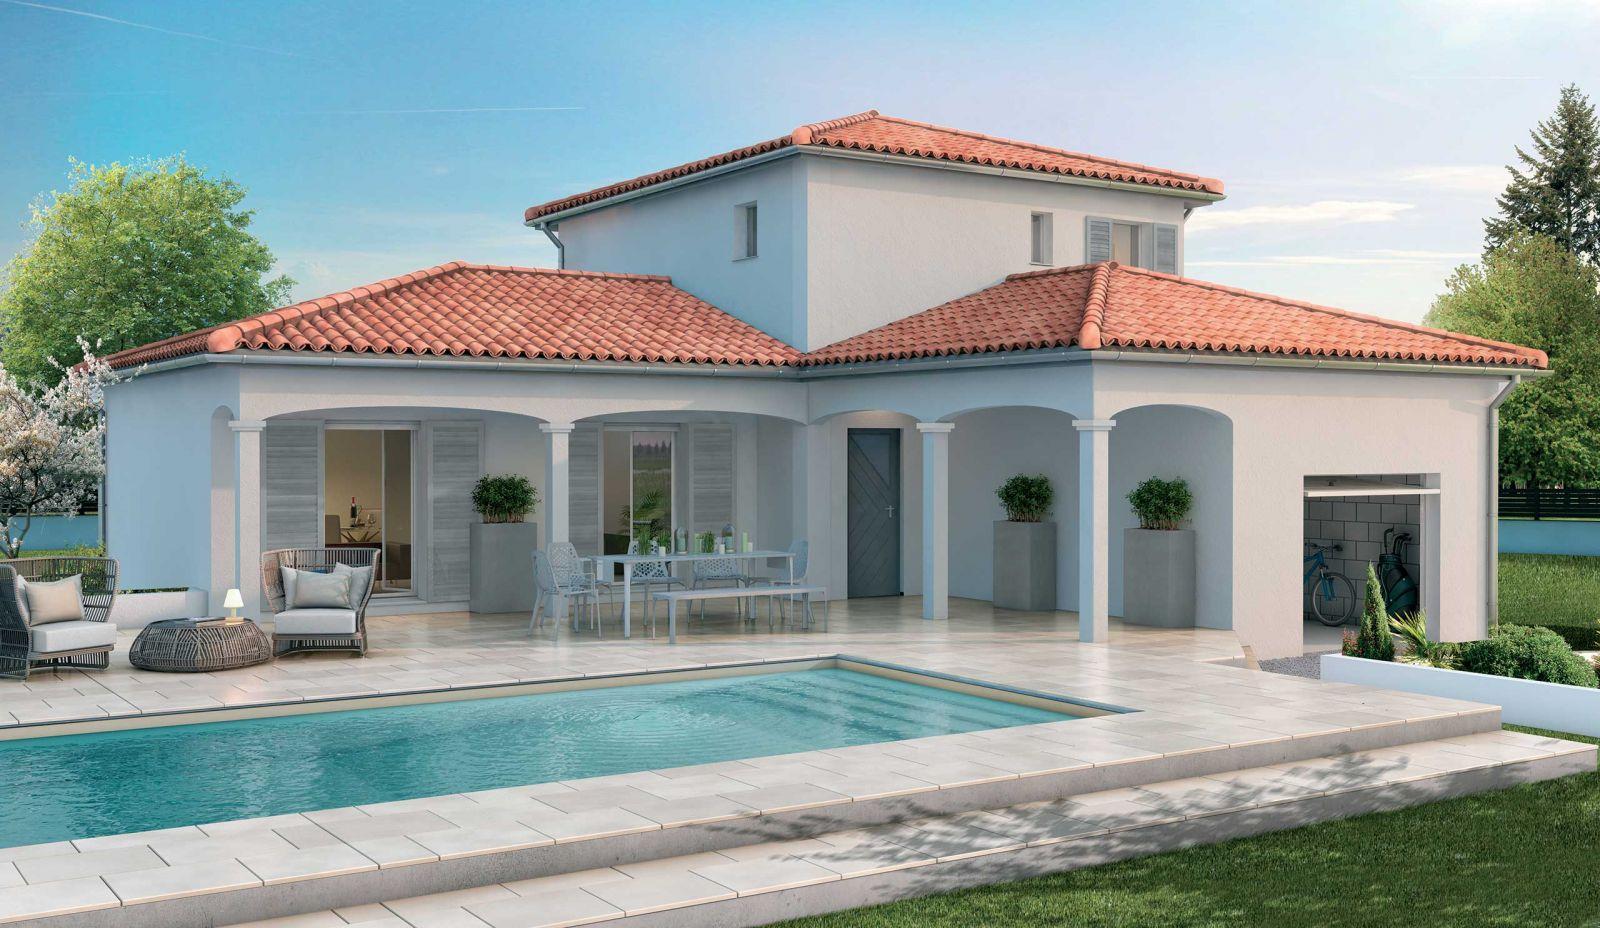 Maison d'une surface global de 137 m² sur un terrain 730 m² à Léognan 33850